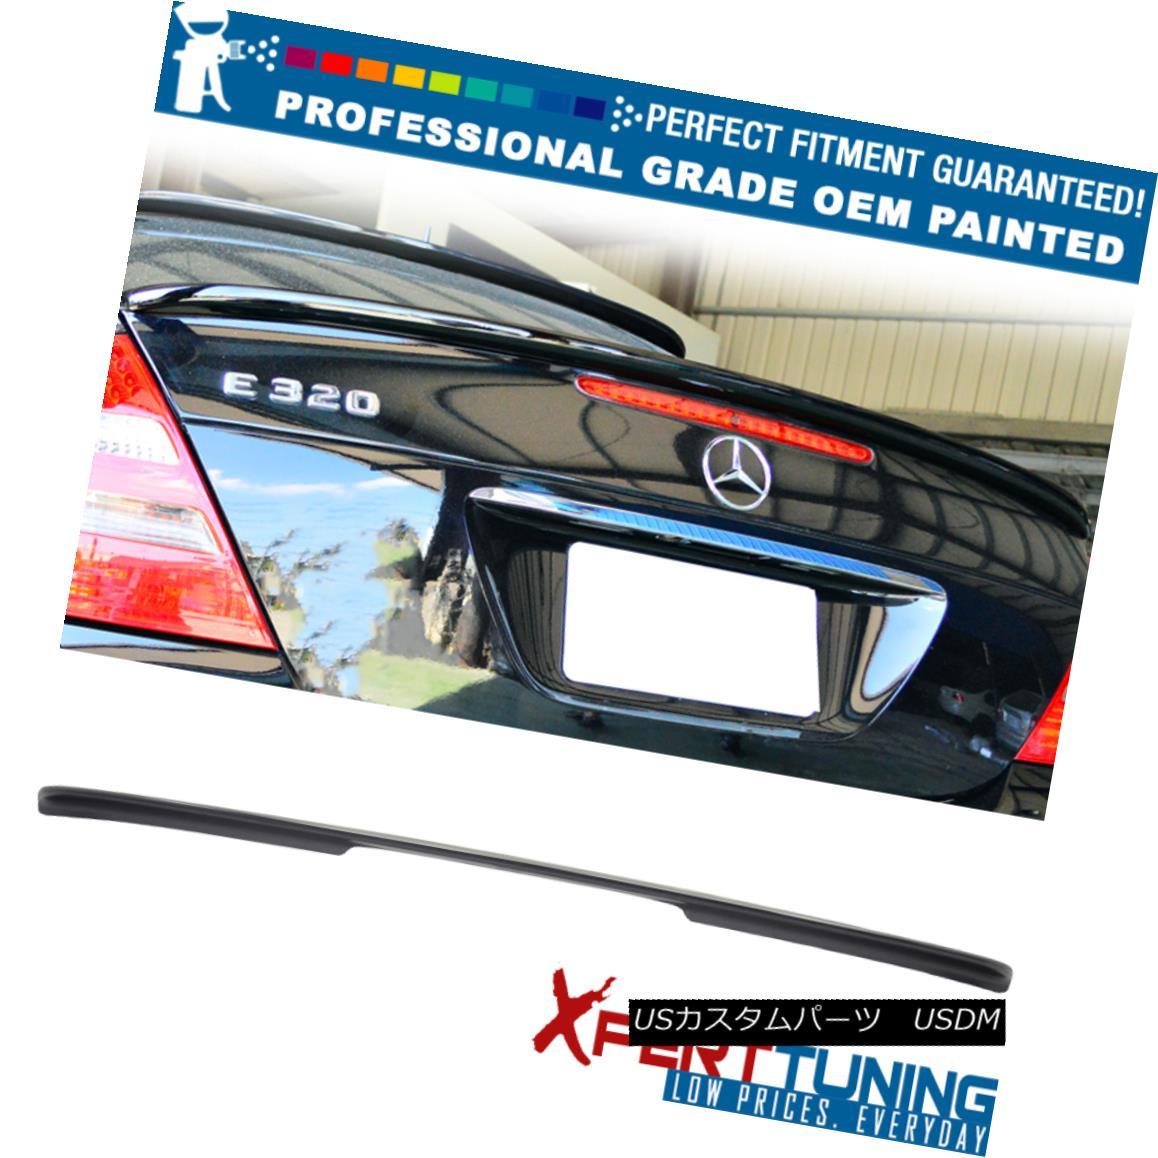 エアロパーツ 03-09 E-Class W211 4Dr AMG Style Painted ABS Trunk Spoiler - OEM Painted Color 03-09 EクラスW211 4Dr AMGスタイル塗装ABSトランク・スポイラー - OEM塗装カラー